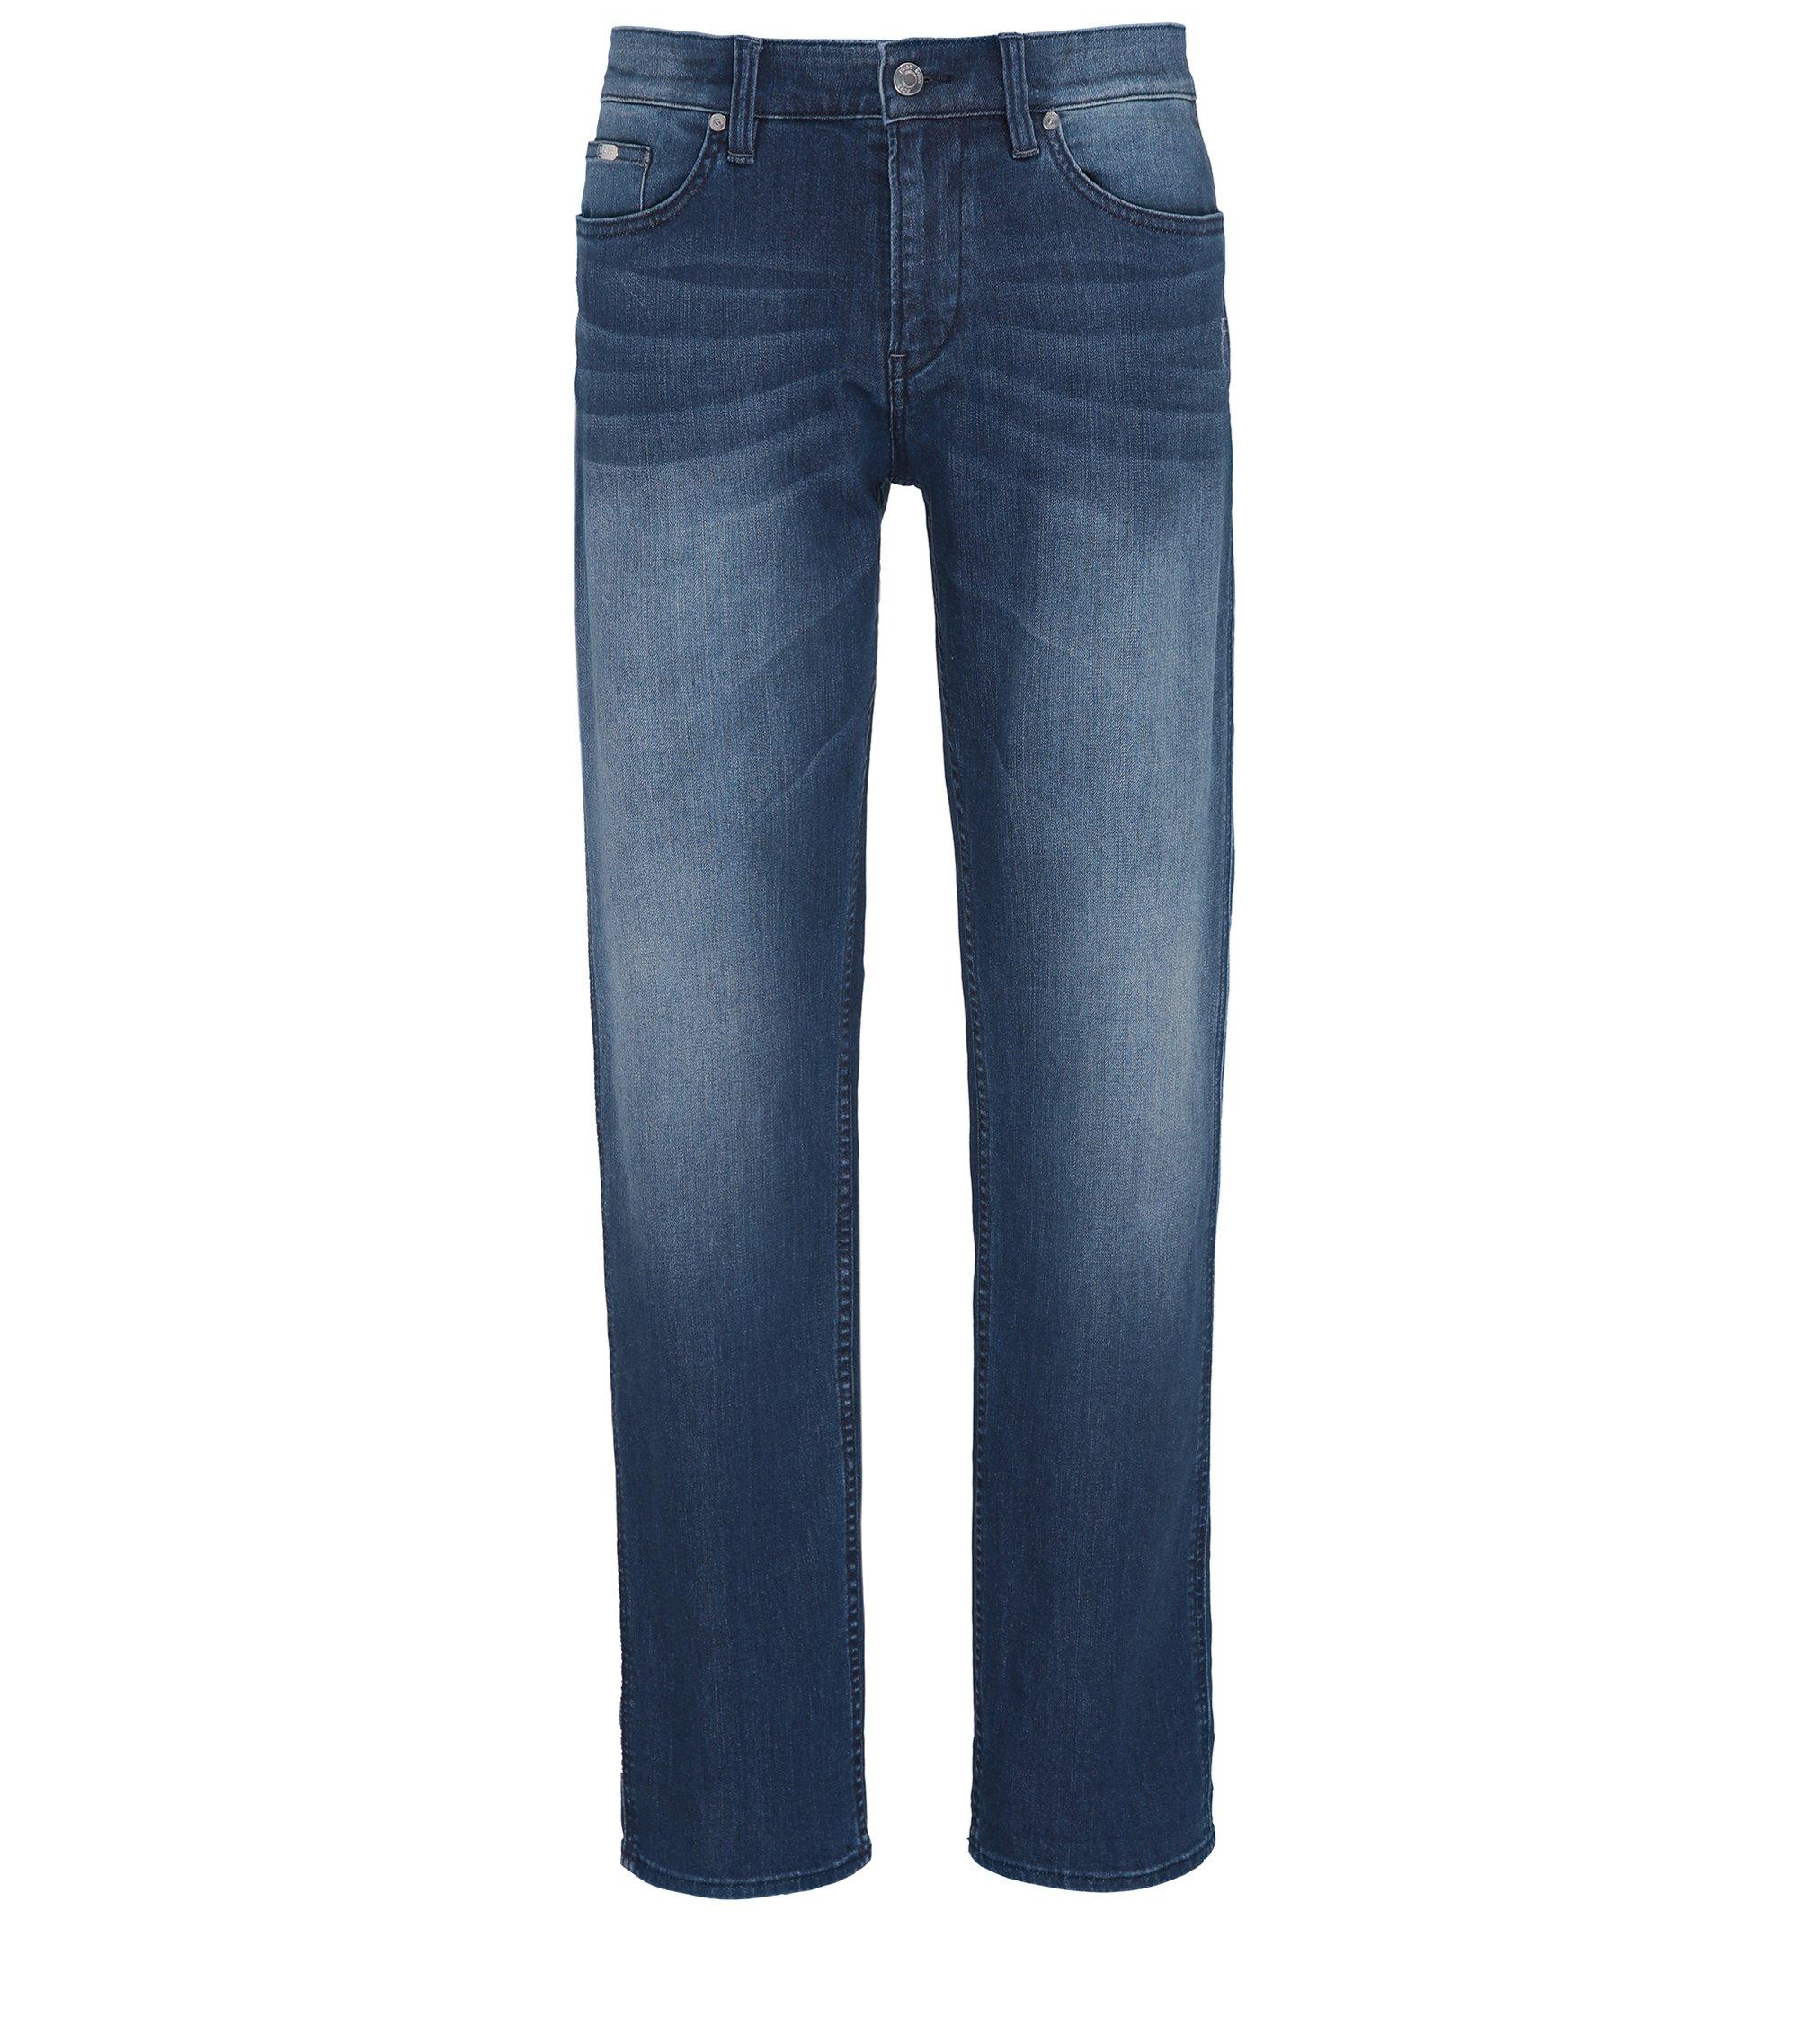 Jeans Slim Fit en denim stretch confortable, Turquoise